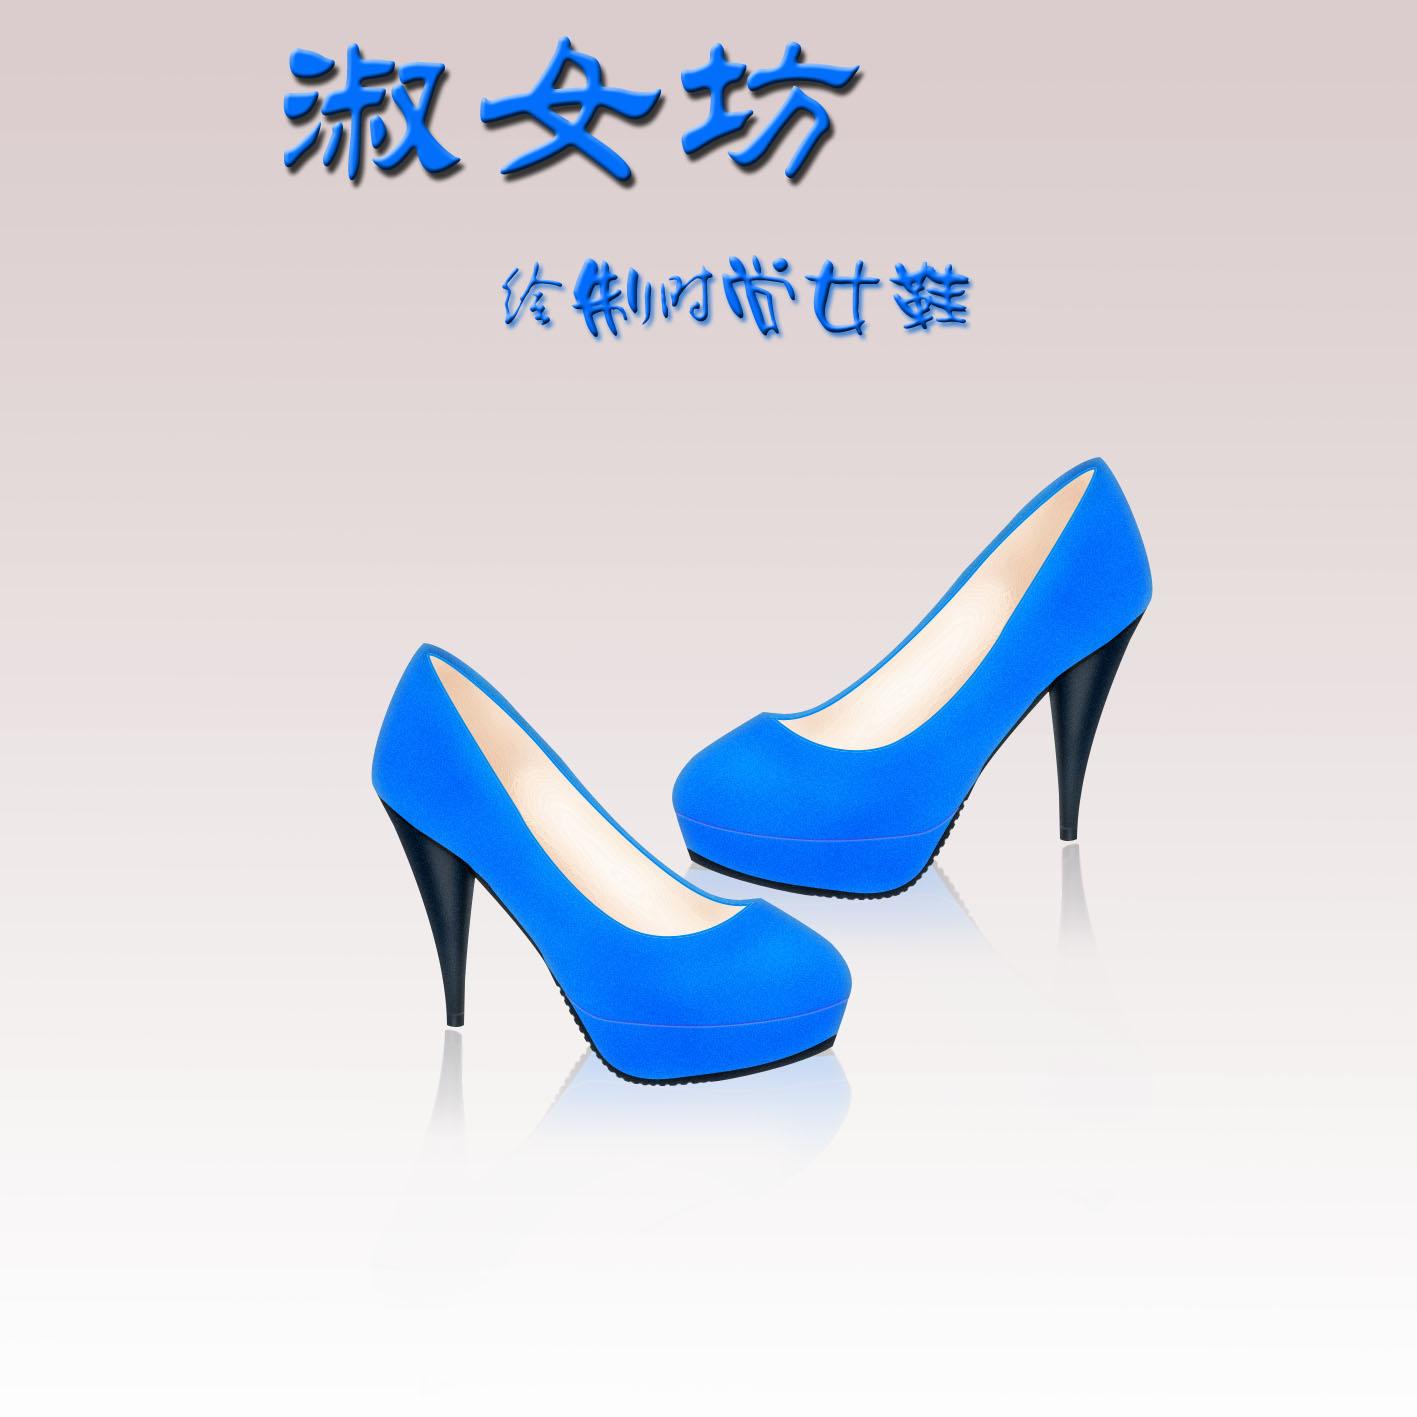 照图绘制一双女士高跟鞋